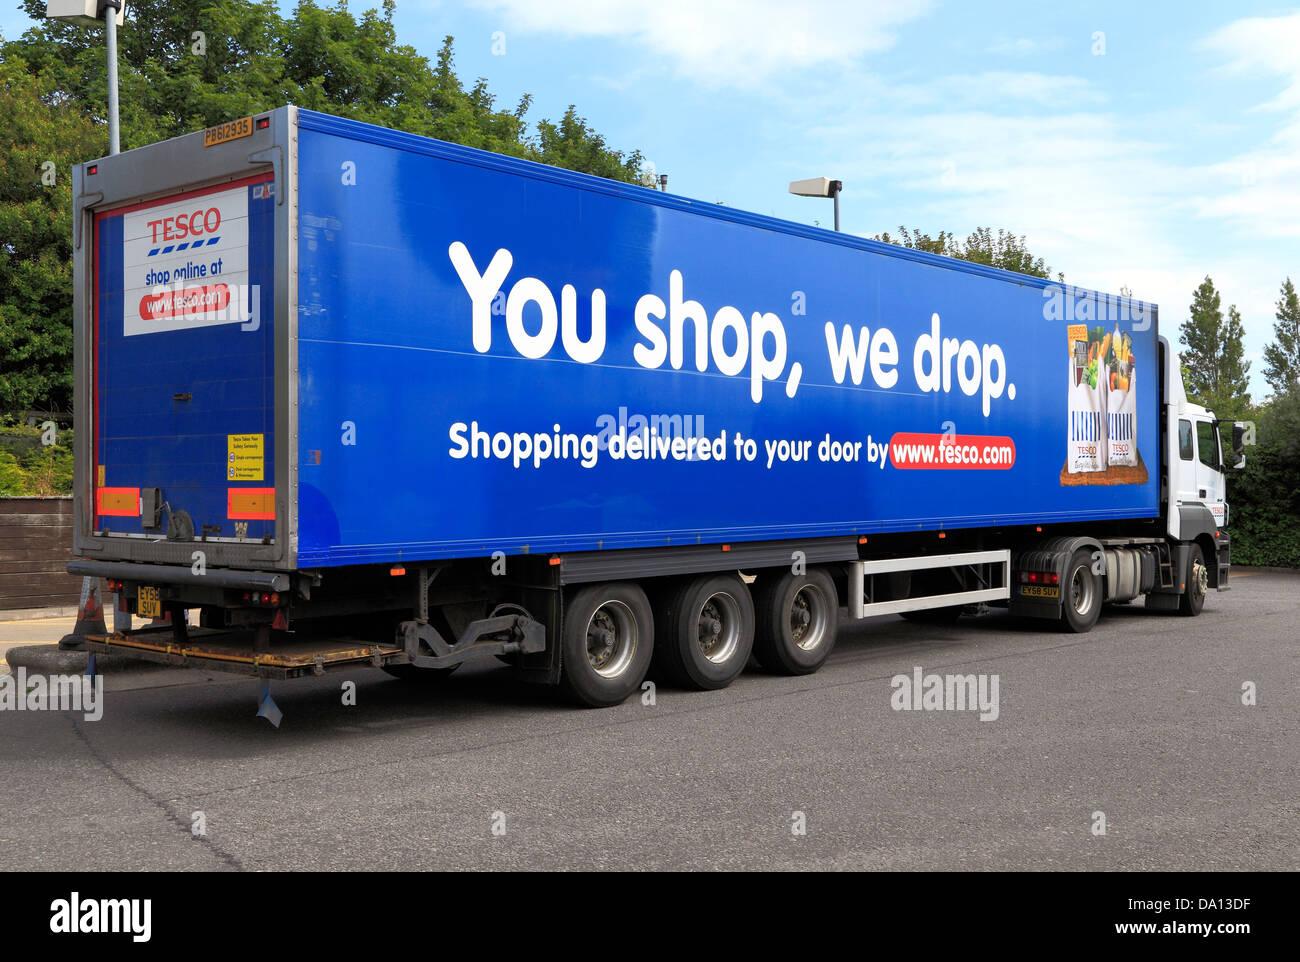 Magasinage en ligne Tesco, véhicule transporter 'vous shop, nous déposer', camion de livraison, Photo Stock